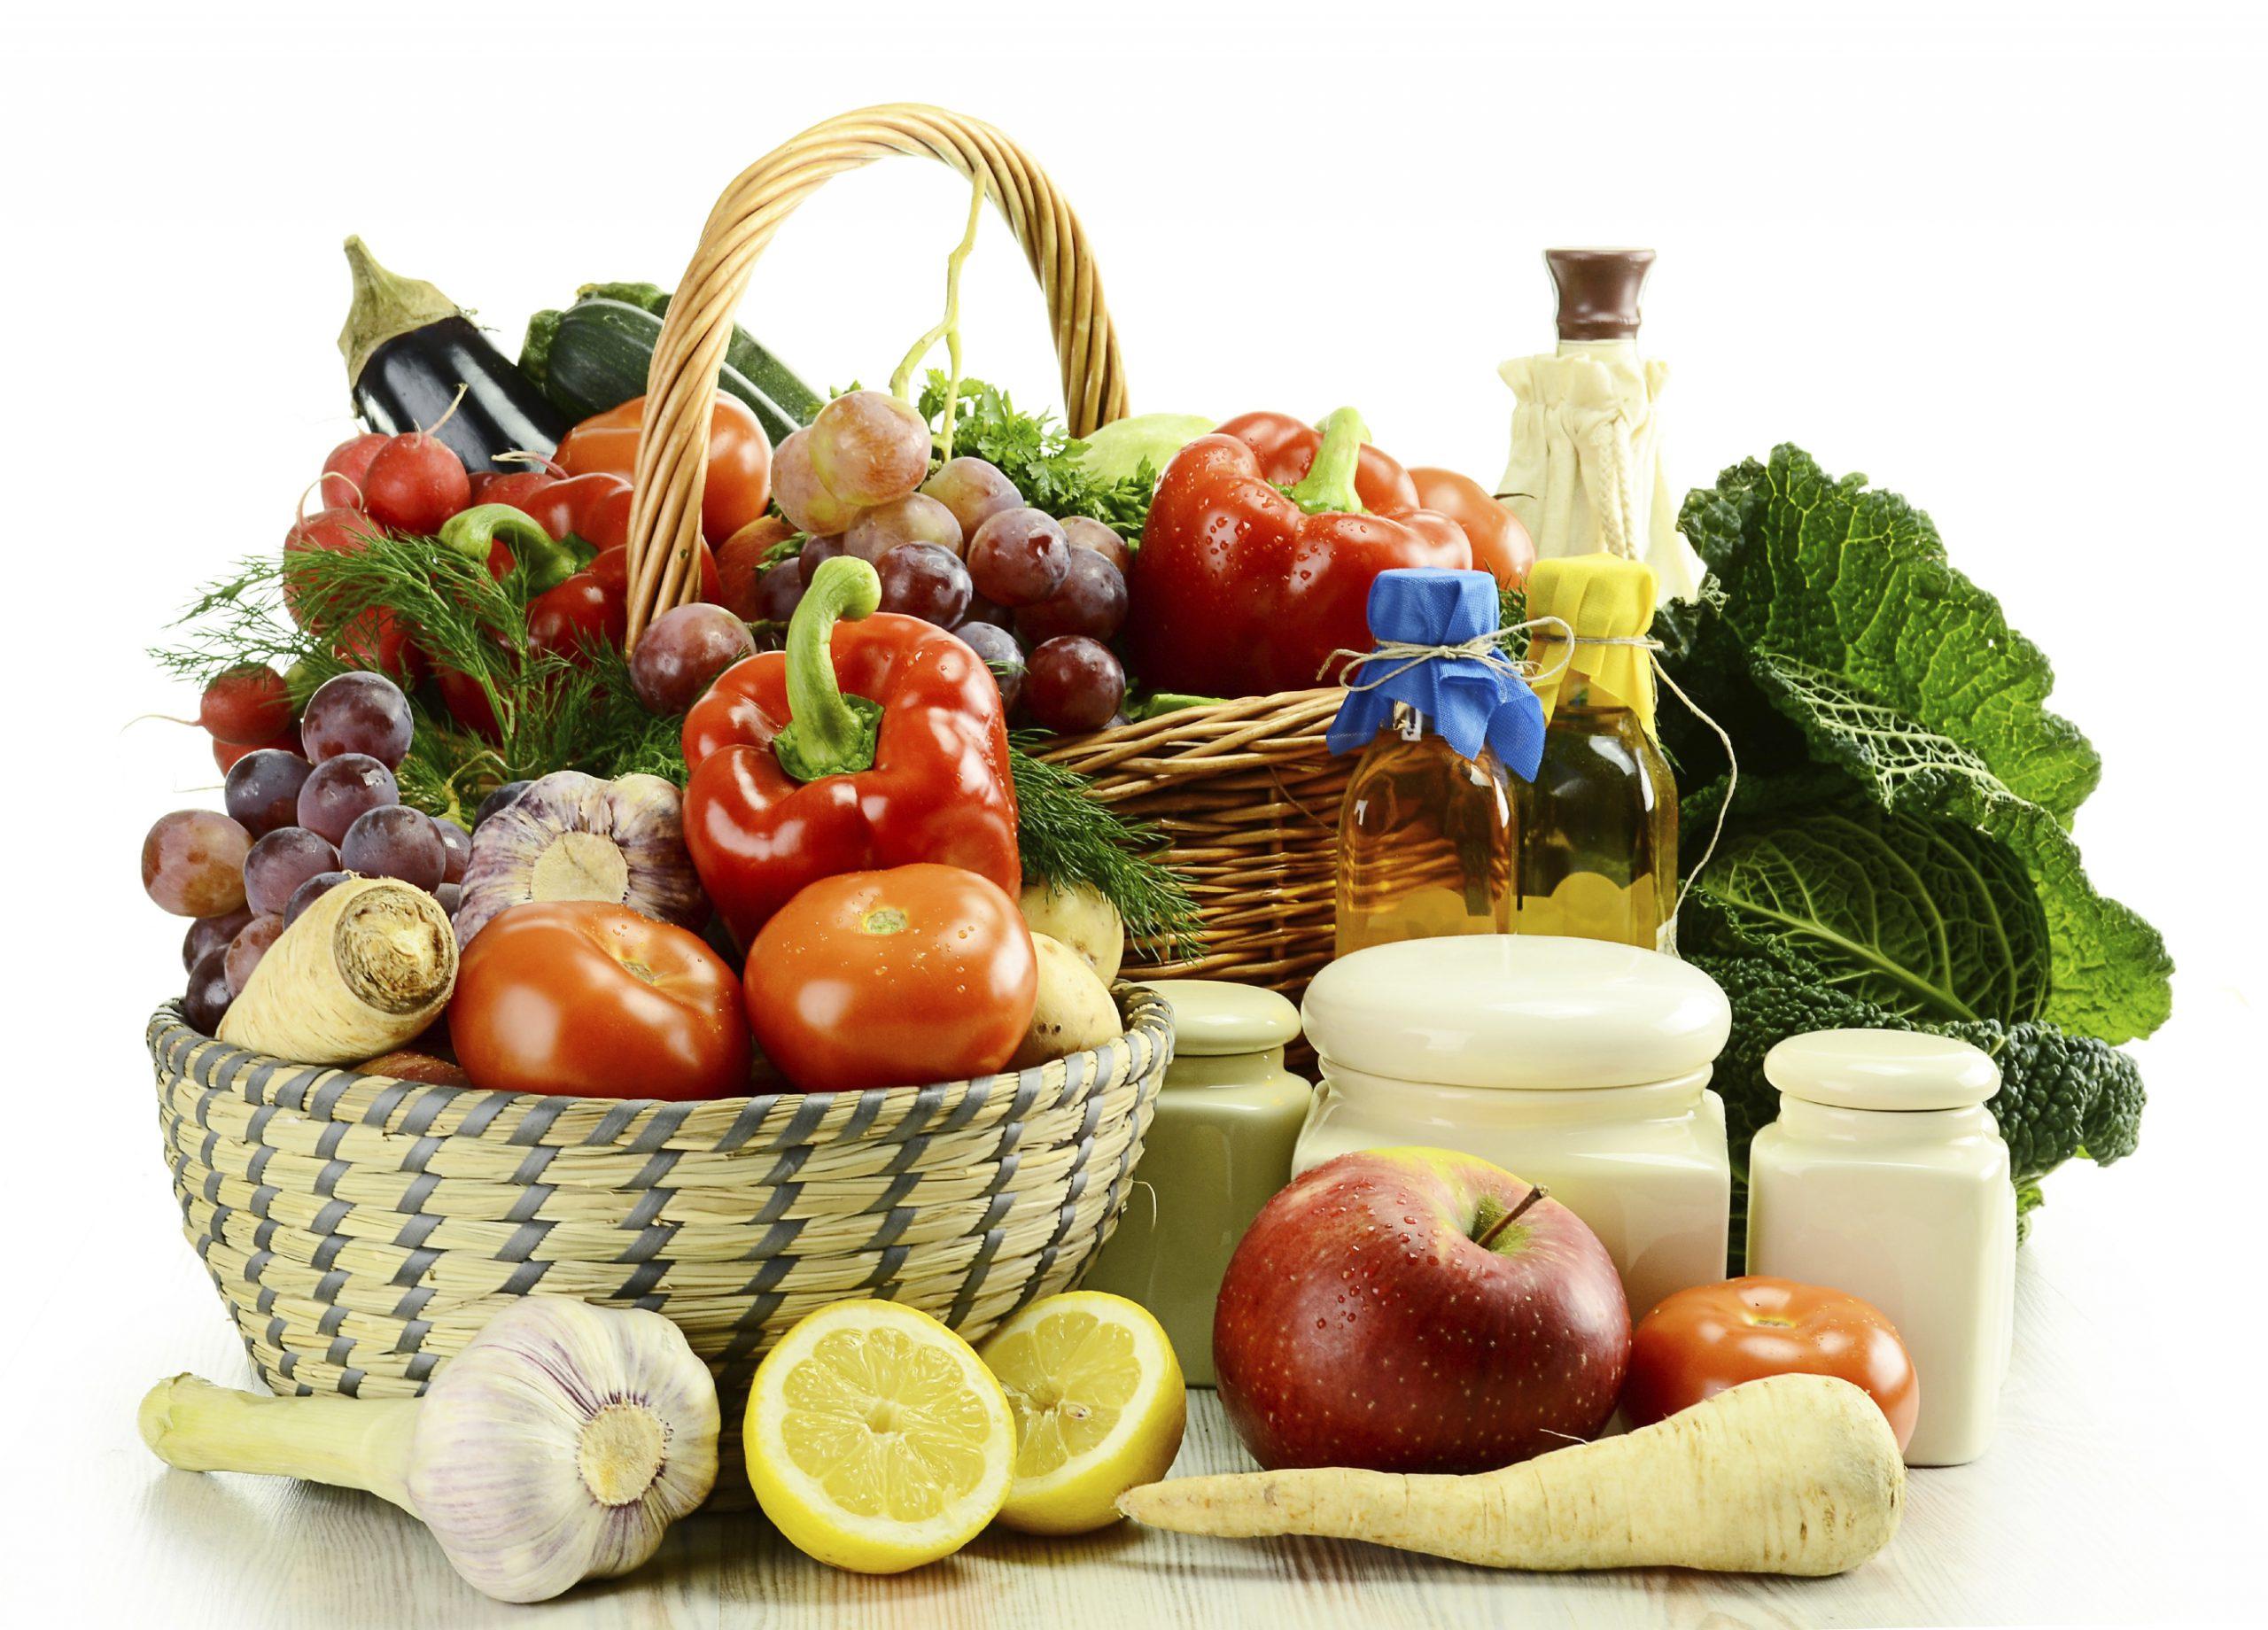 Prezydent podpisał ustawę o znakowaniu żywności